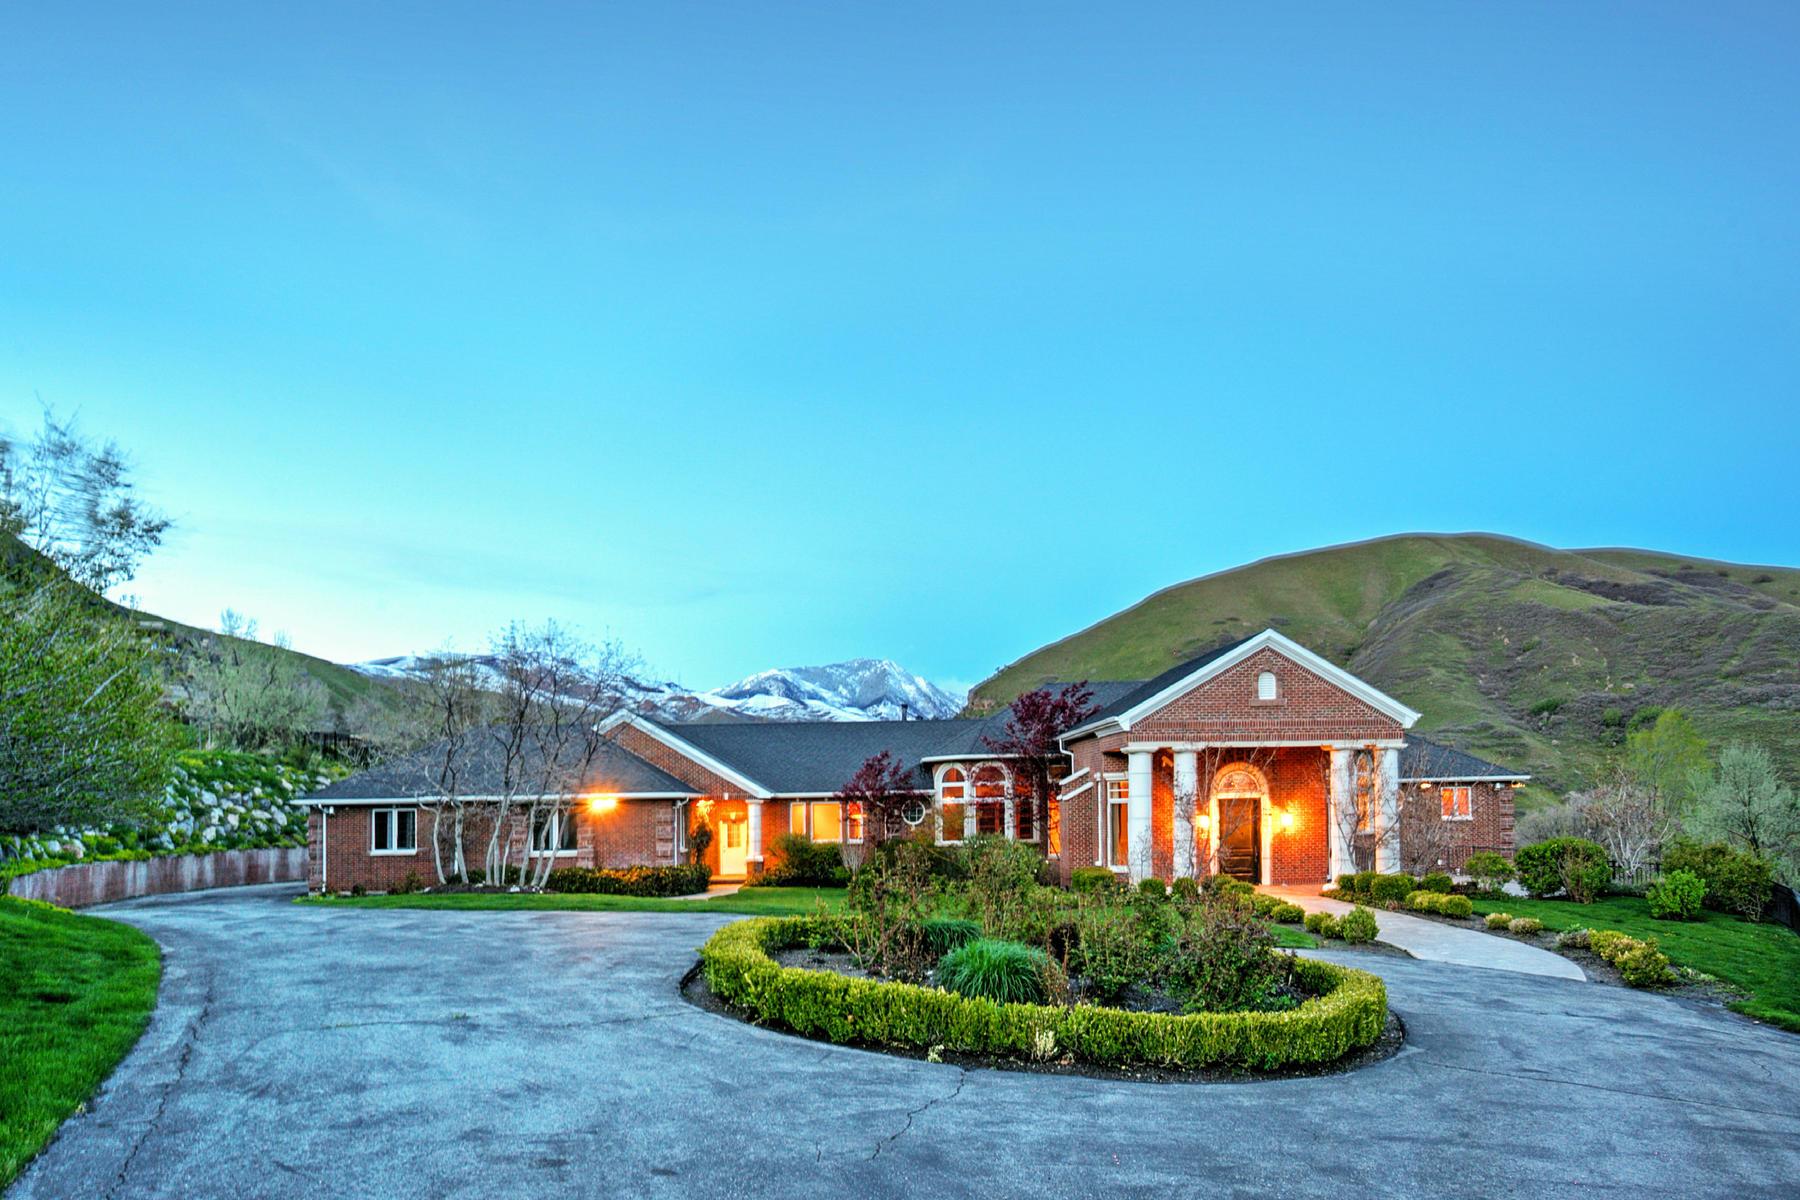 Casa Unifamiliar por un Venta en Magnificent Property 1334 N Canyon Oaks Way Salt Lake City, Utah, 84103 Estados Unidos